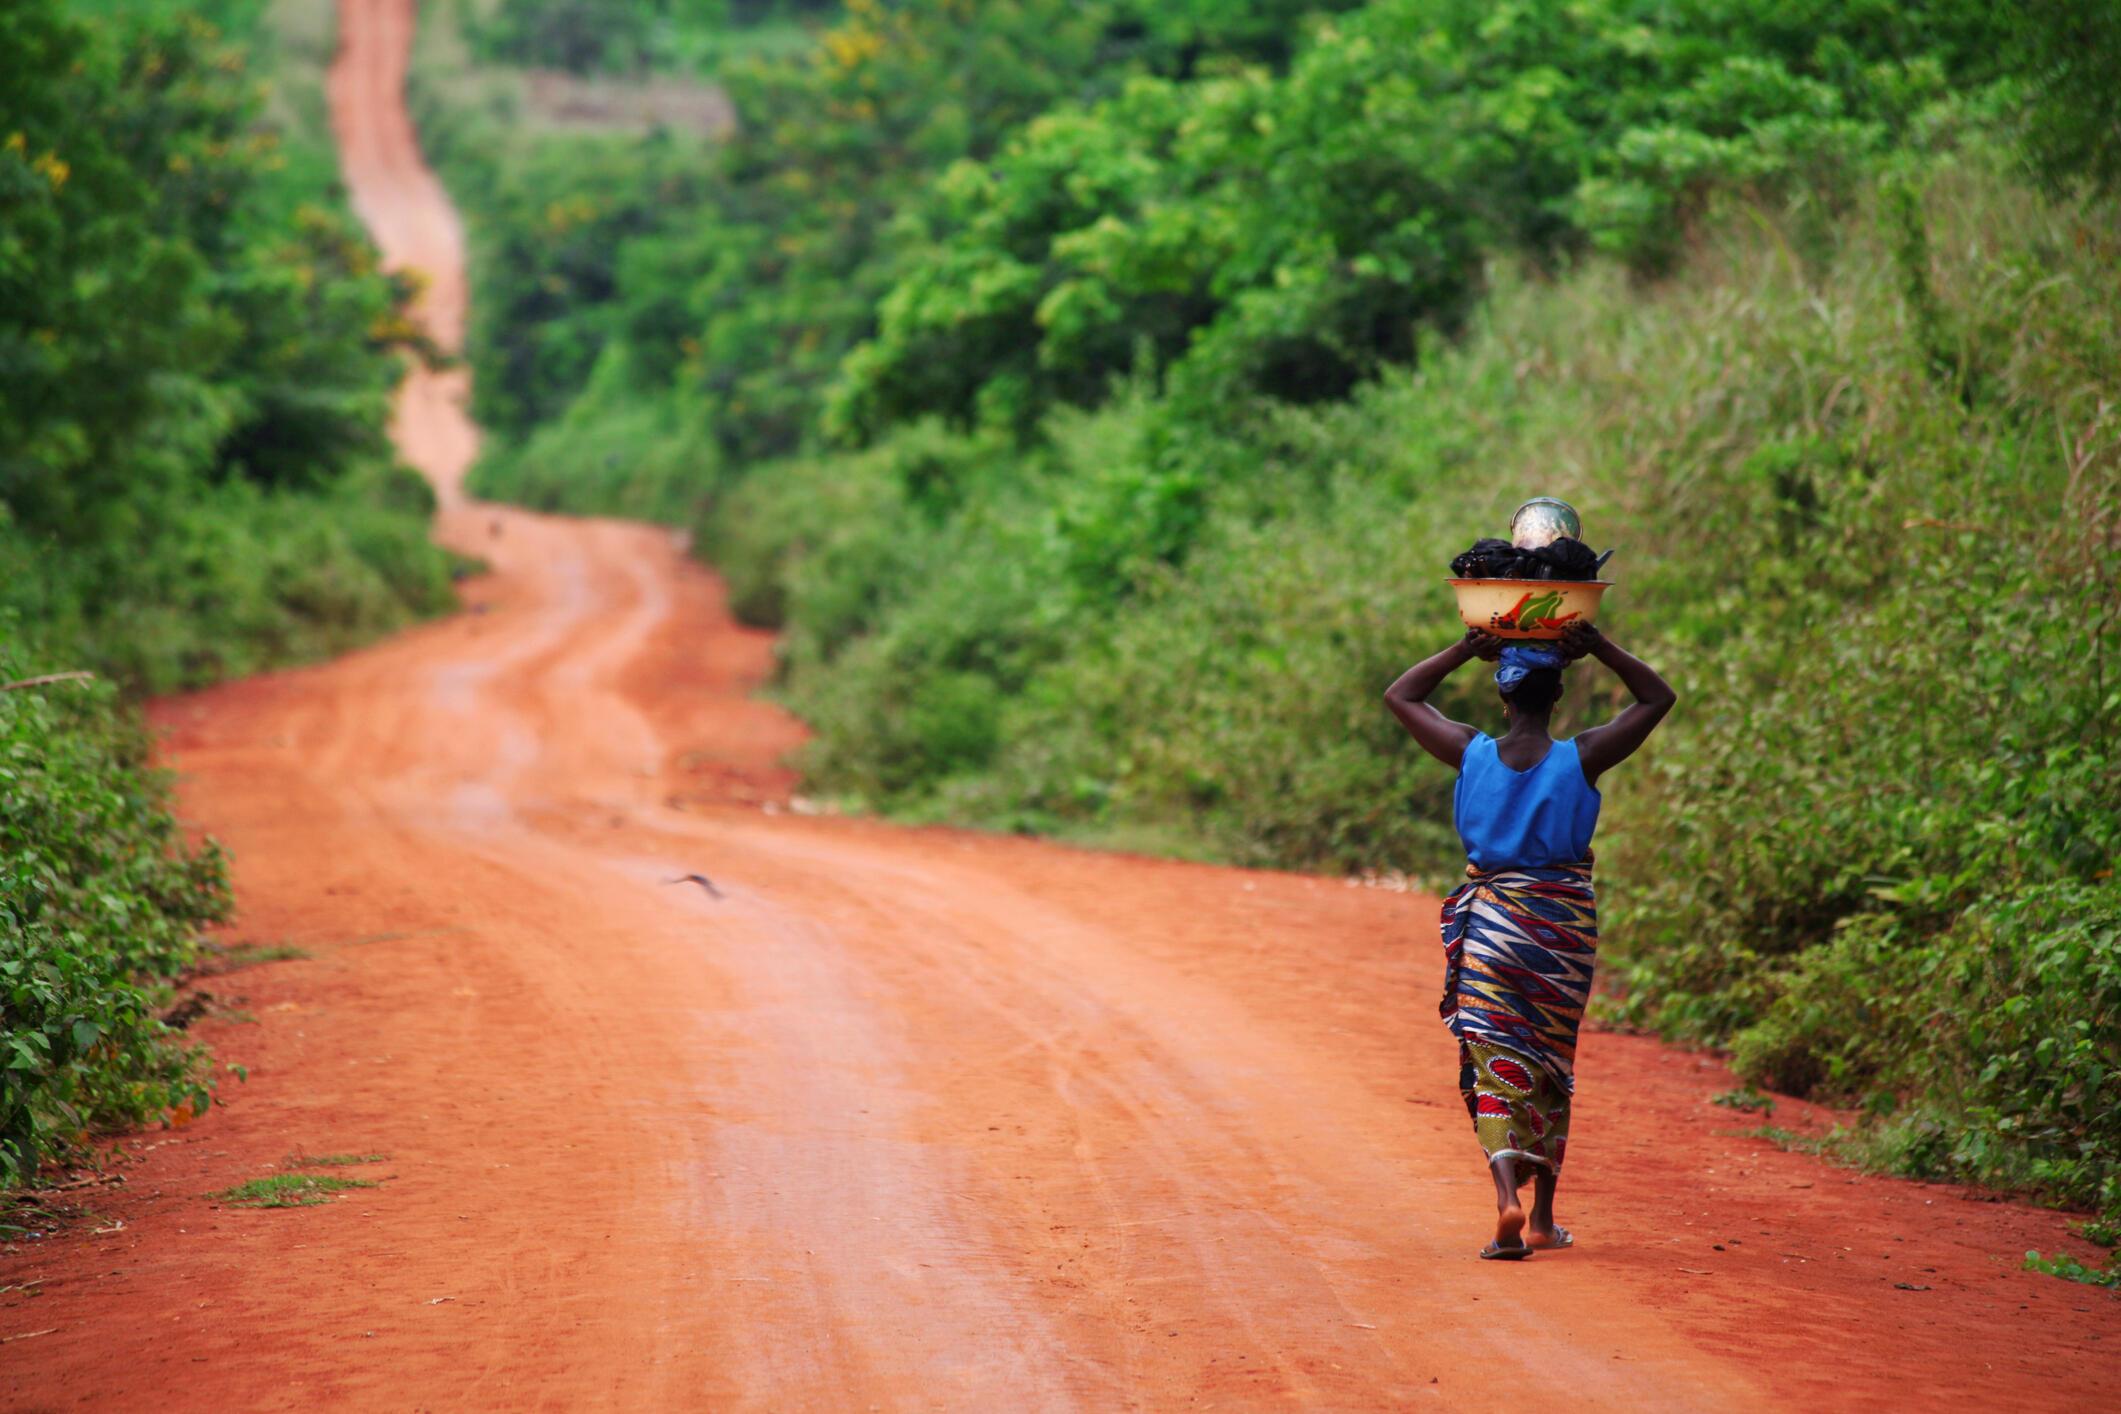 Le code foncier et domanial garantit aux femmes un accès égalitaire au foncier.